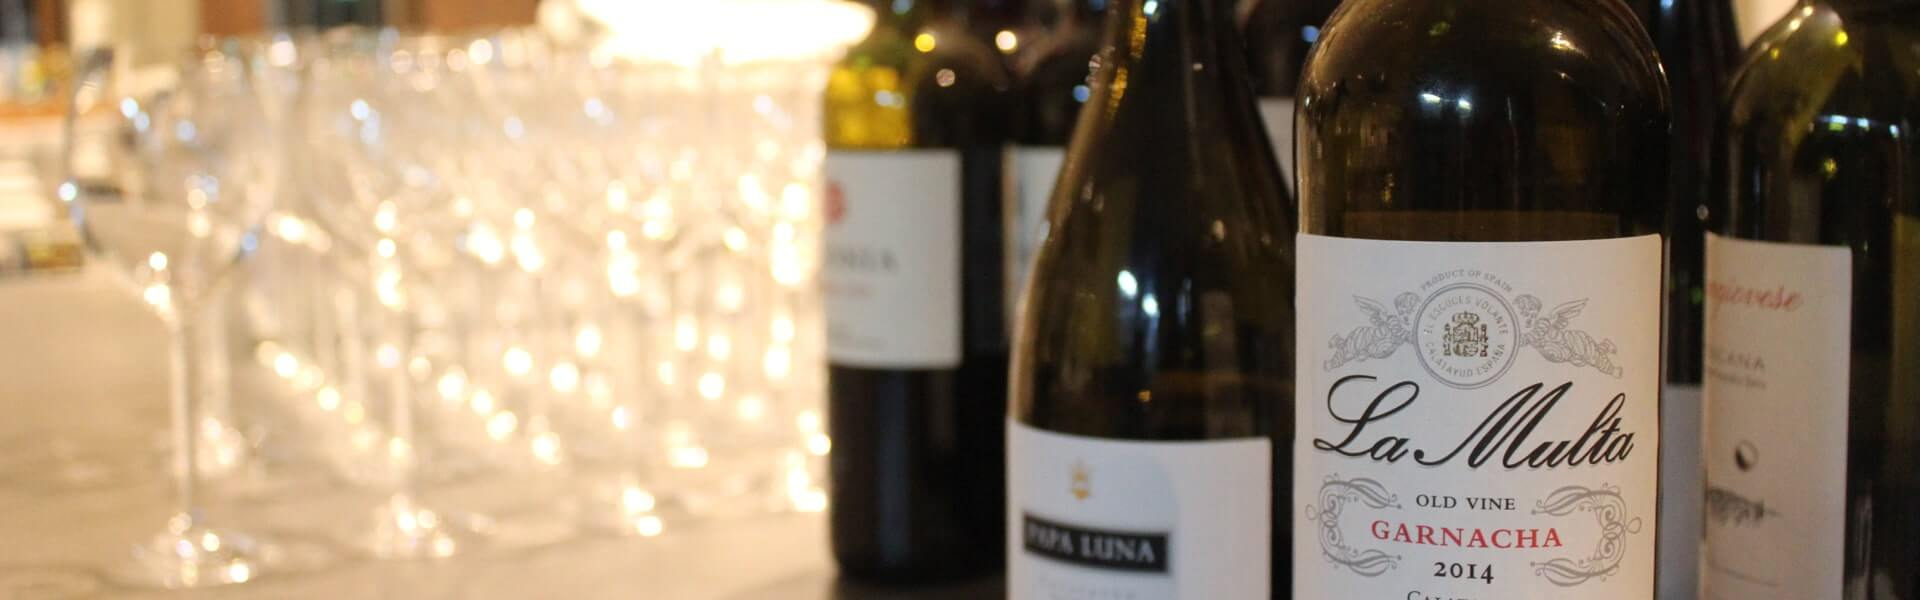 Weinverkostung-mit-der-firma